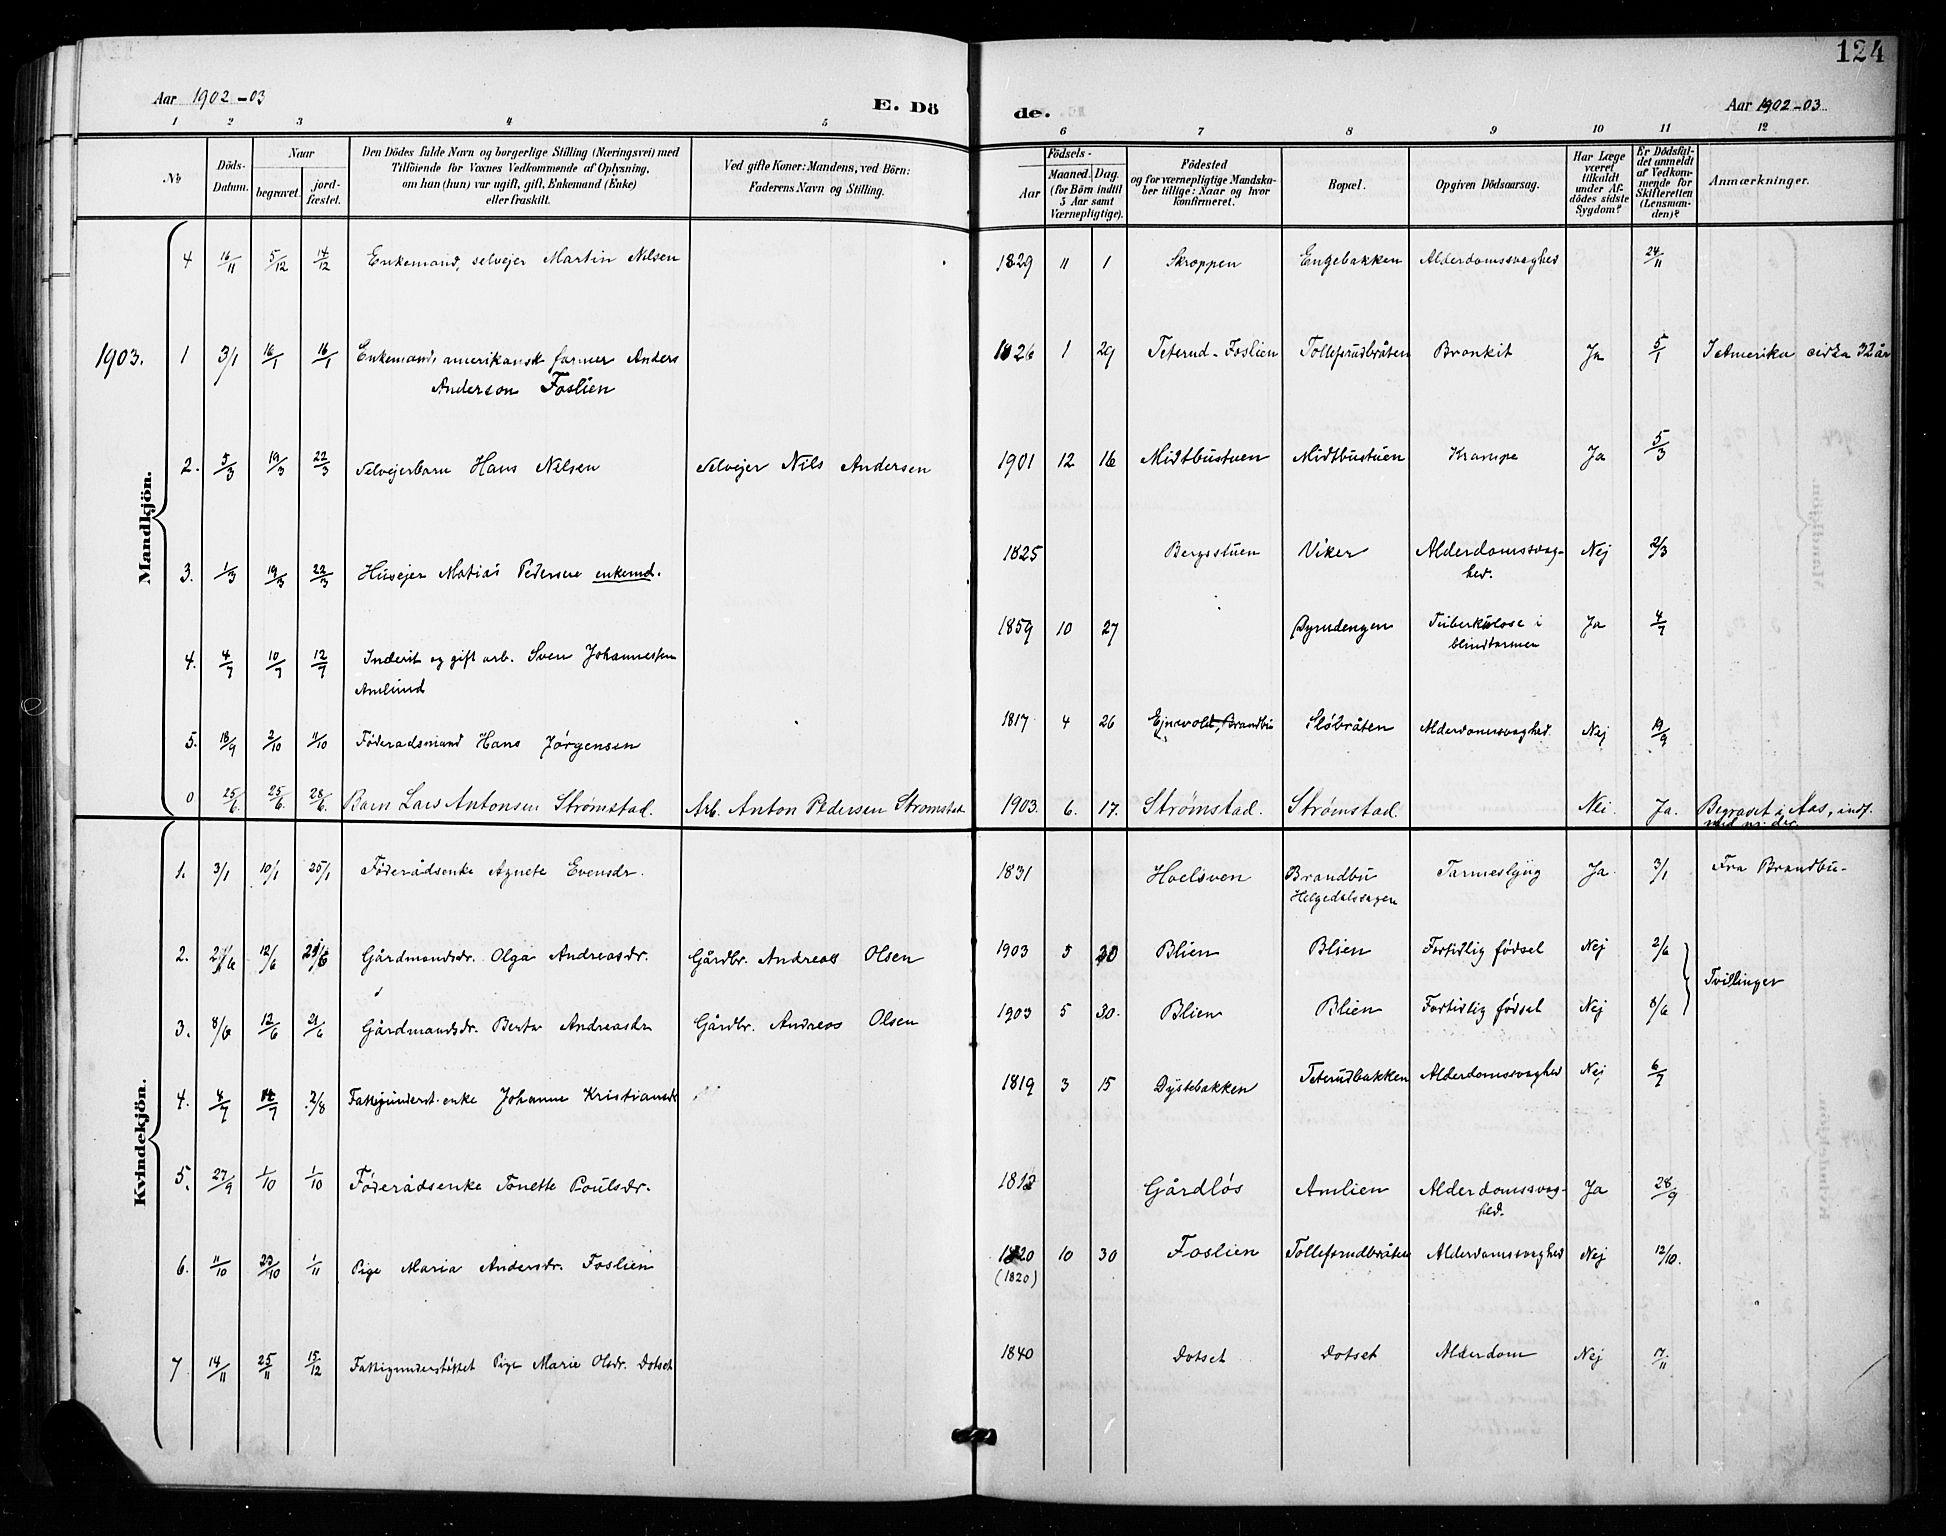 SAH, Vestre Toten prestekontor, H/Ha/Hab/L0016: Klokkerbok nr. 16, 1901-1915, s. 124